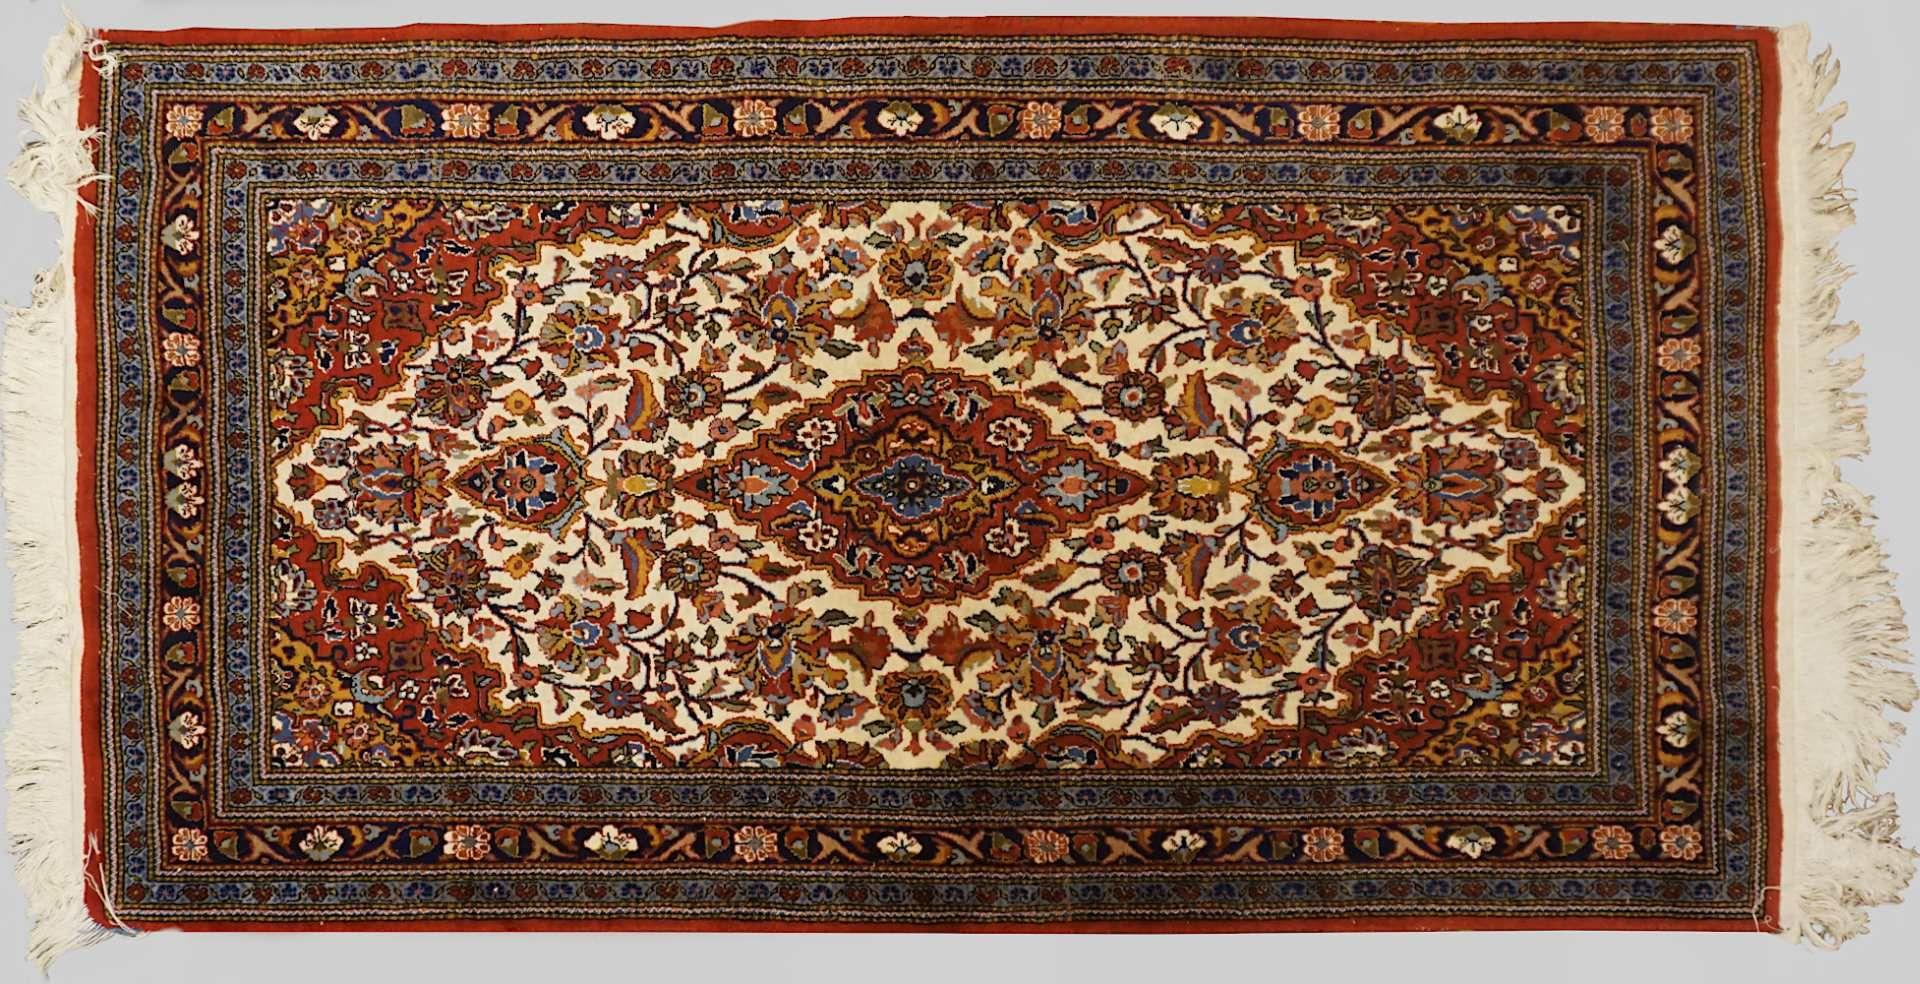 1 Konv. Orientteppiche/-brücken z.T. wohl ISFAHAN, Ägypten, 20. Jh. Mittelfeld beige